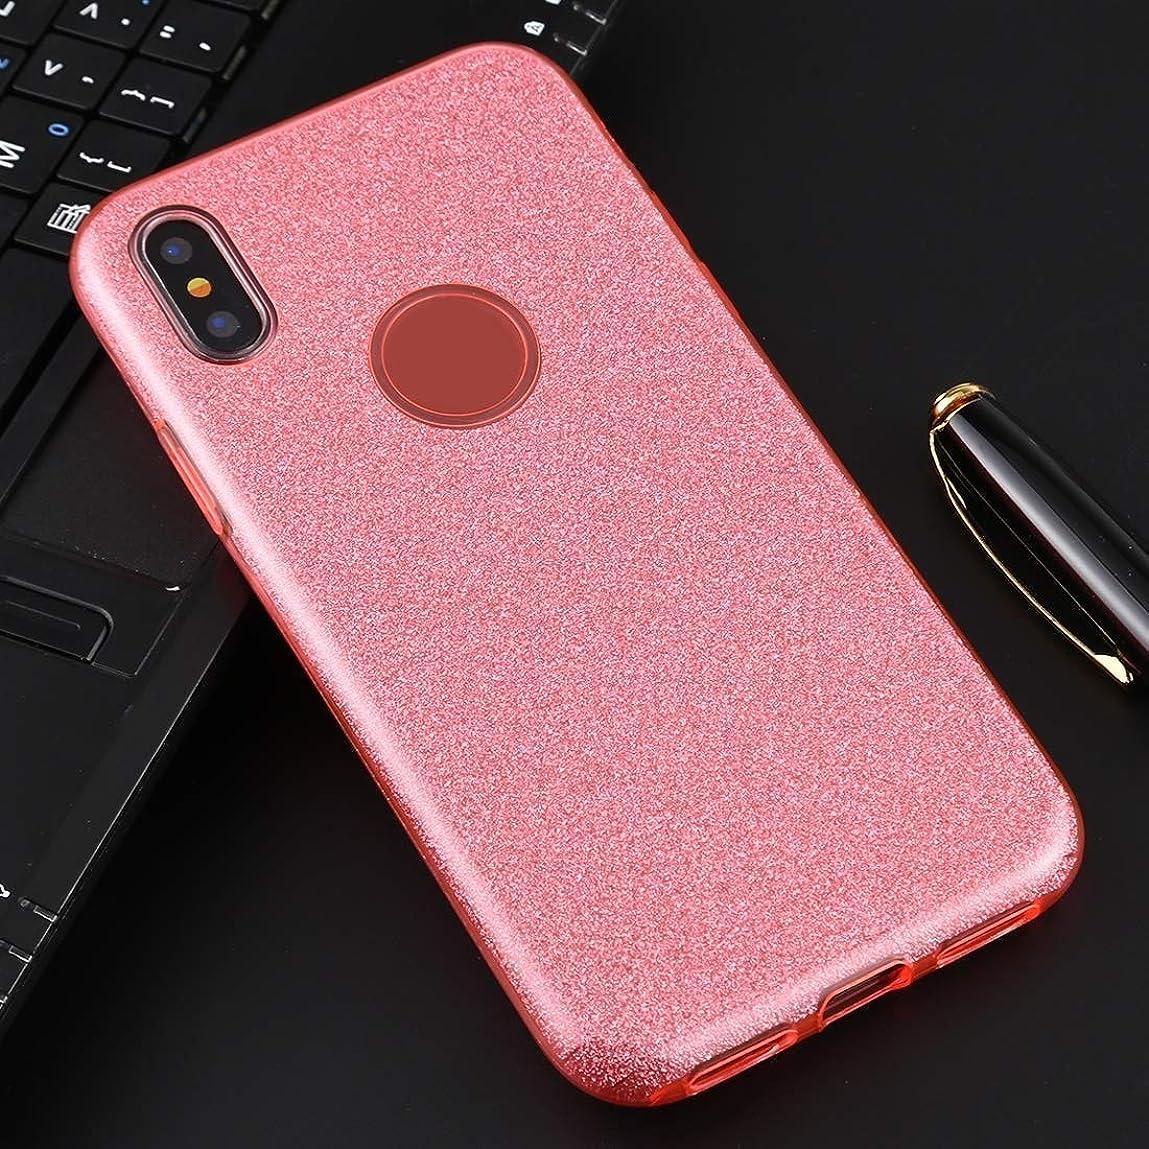 策定する水素下手IPhone XS/XフルカバレッジTPU + PCキラキラパウダーの保護バックケース用 brand:TONWIN (Color : ピンク)